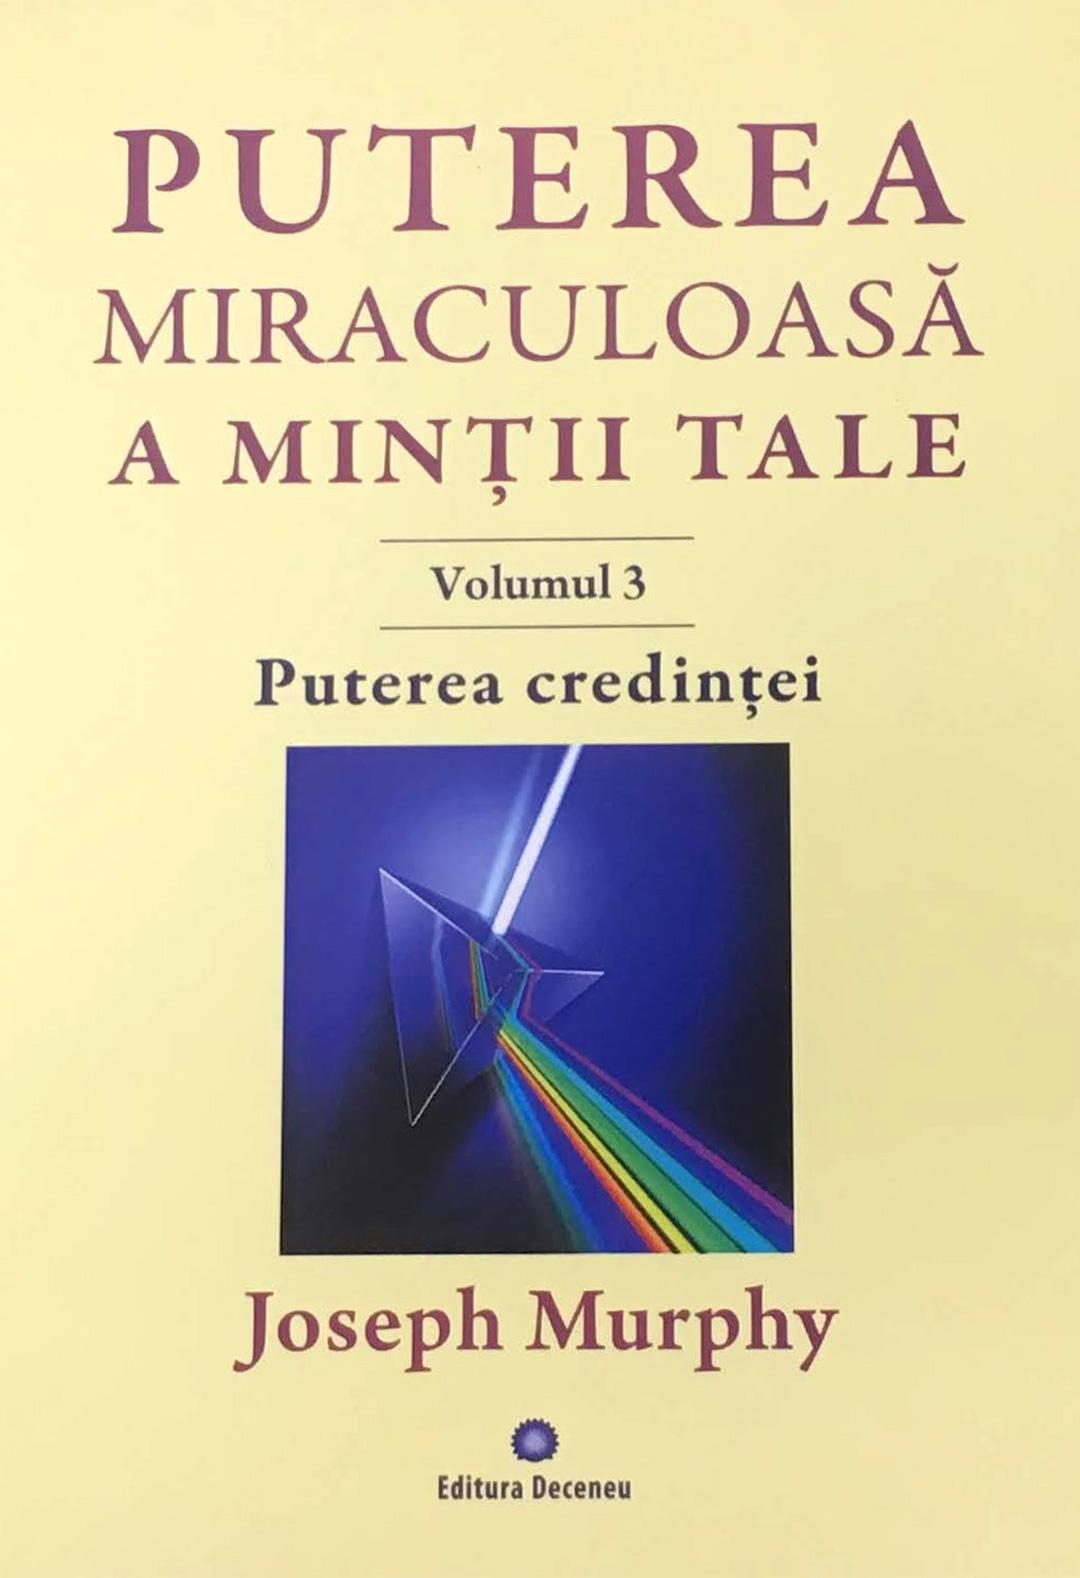 Imagine Puterea Credintei - Miraculoasa A Mintii Tale Vol - 3 - Joseph Murphy